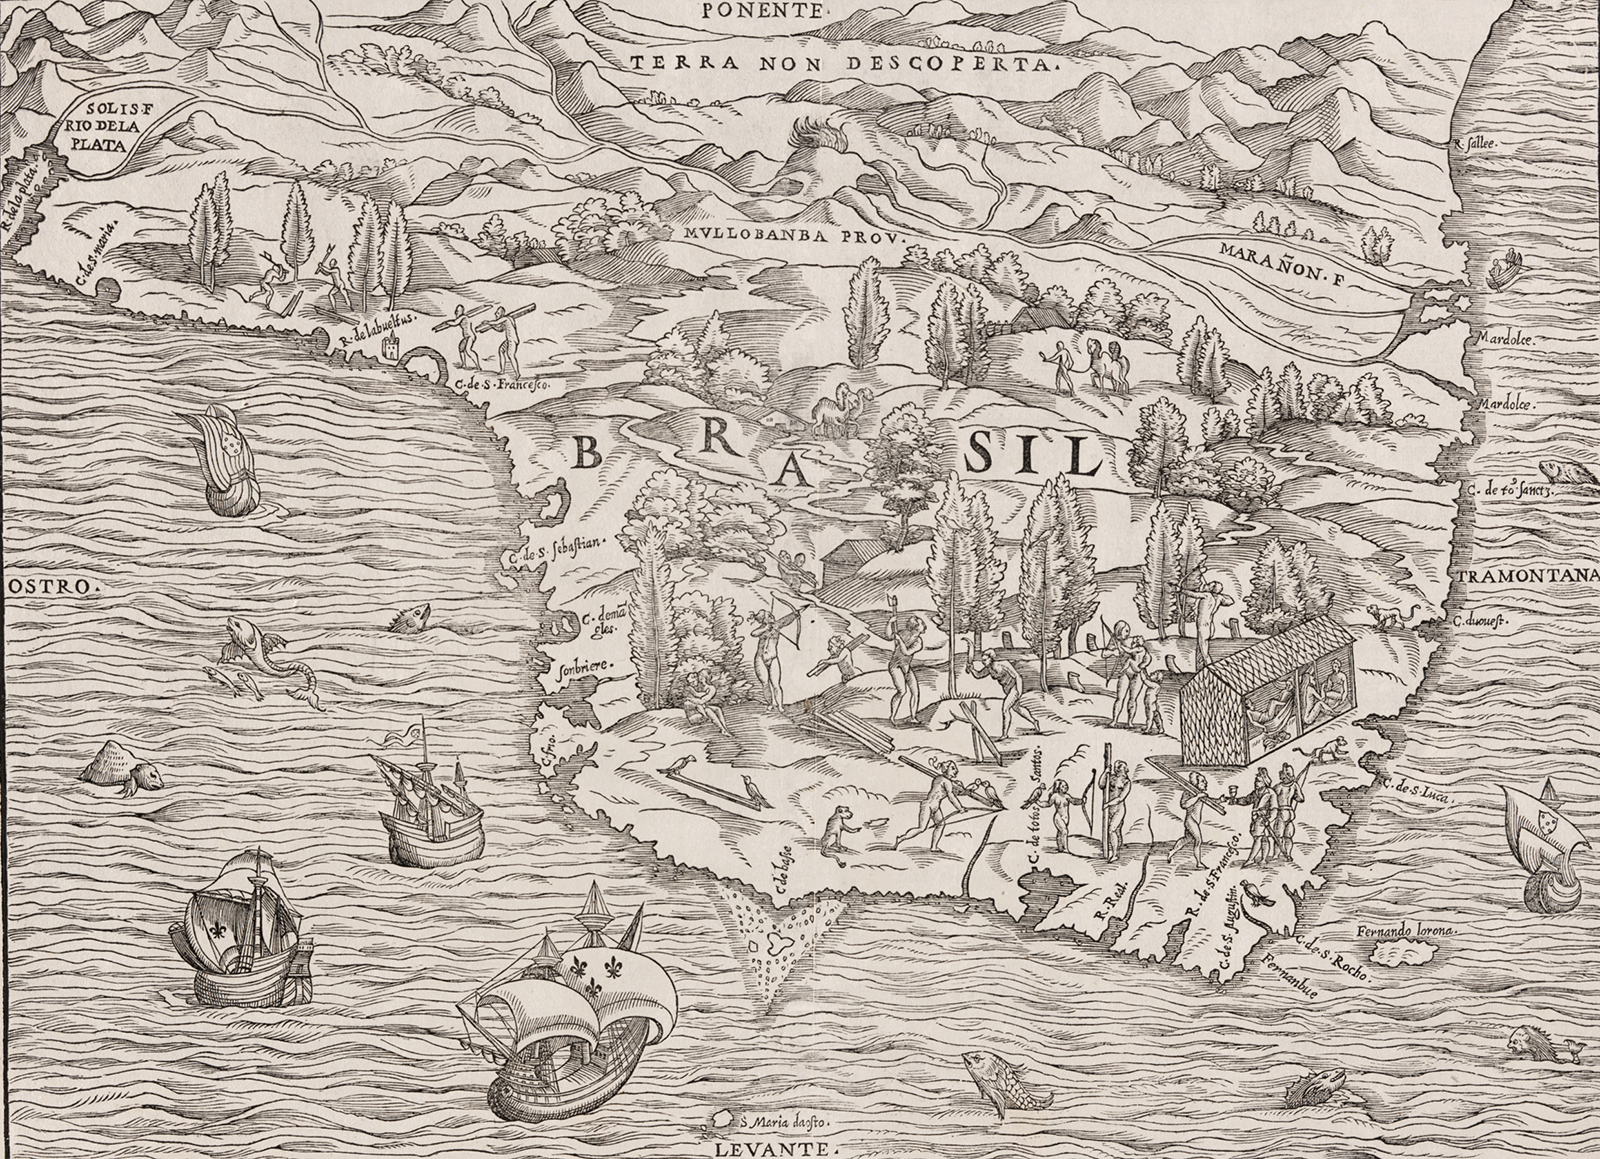 Mapa Historico Brasil